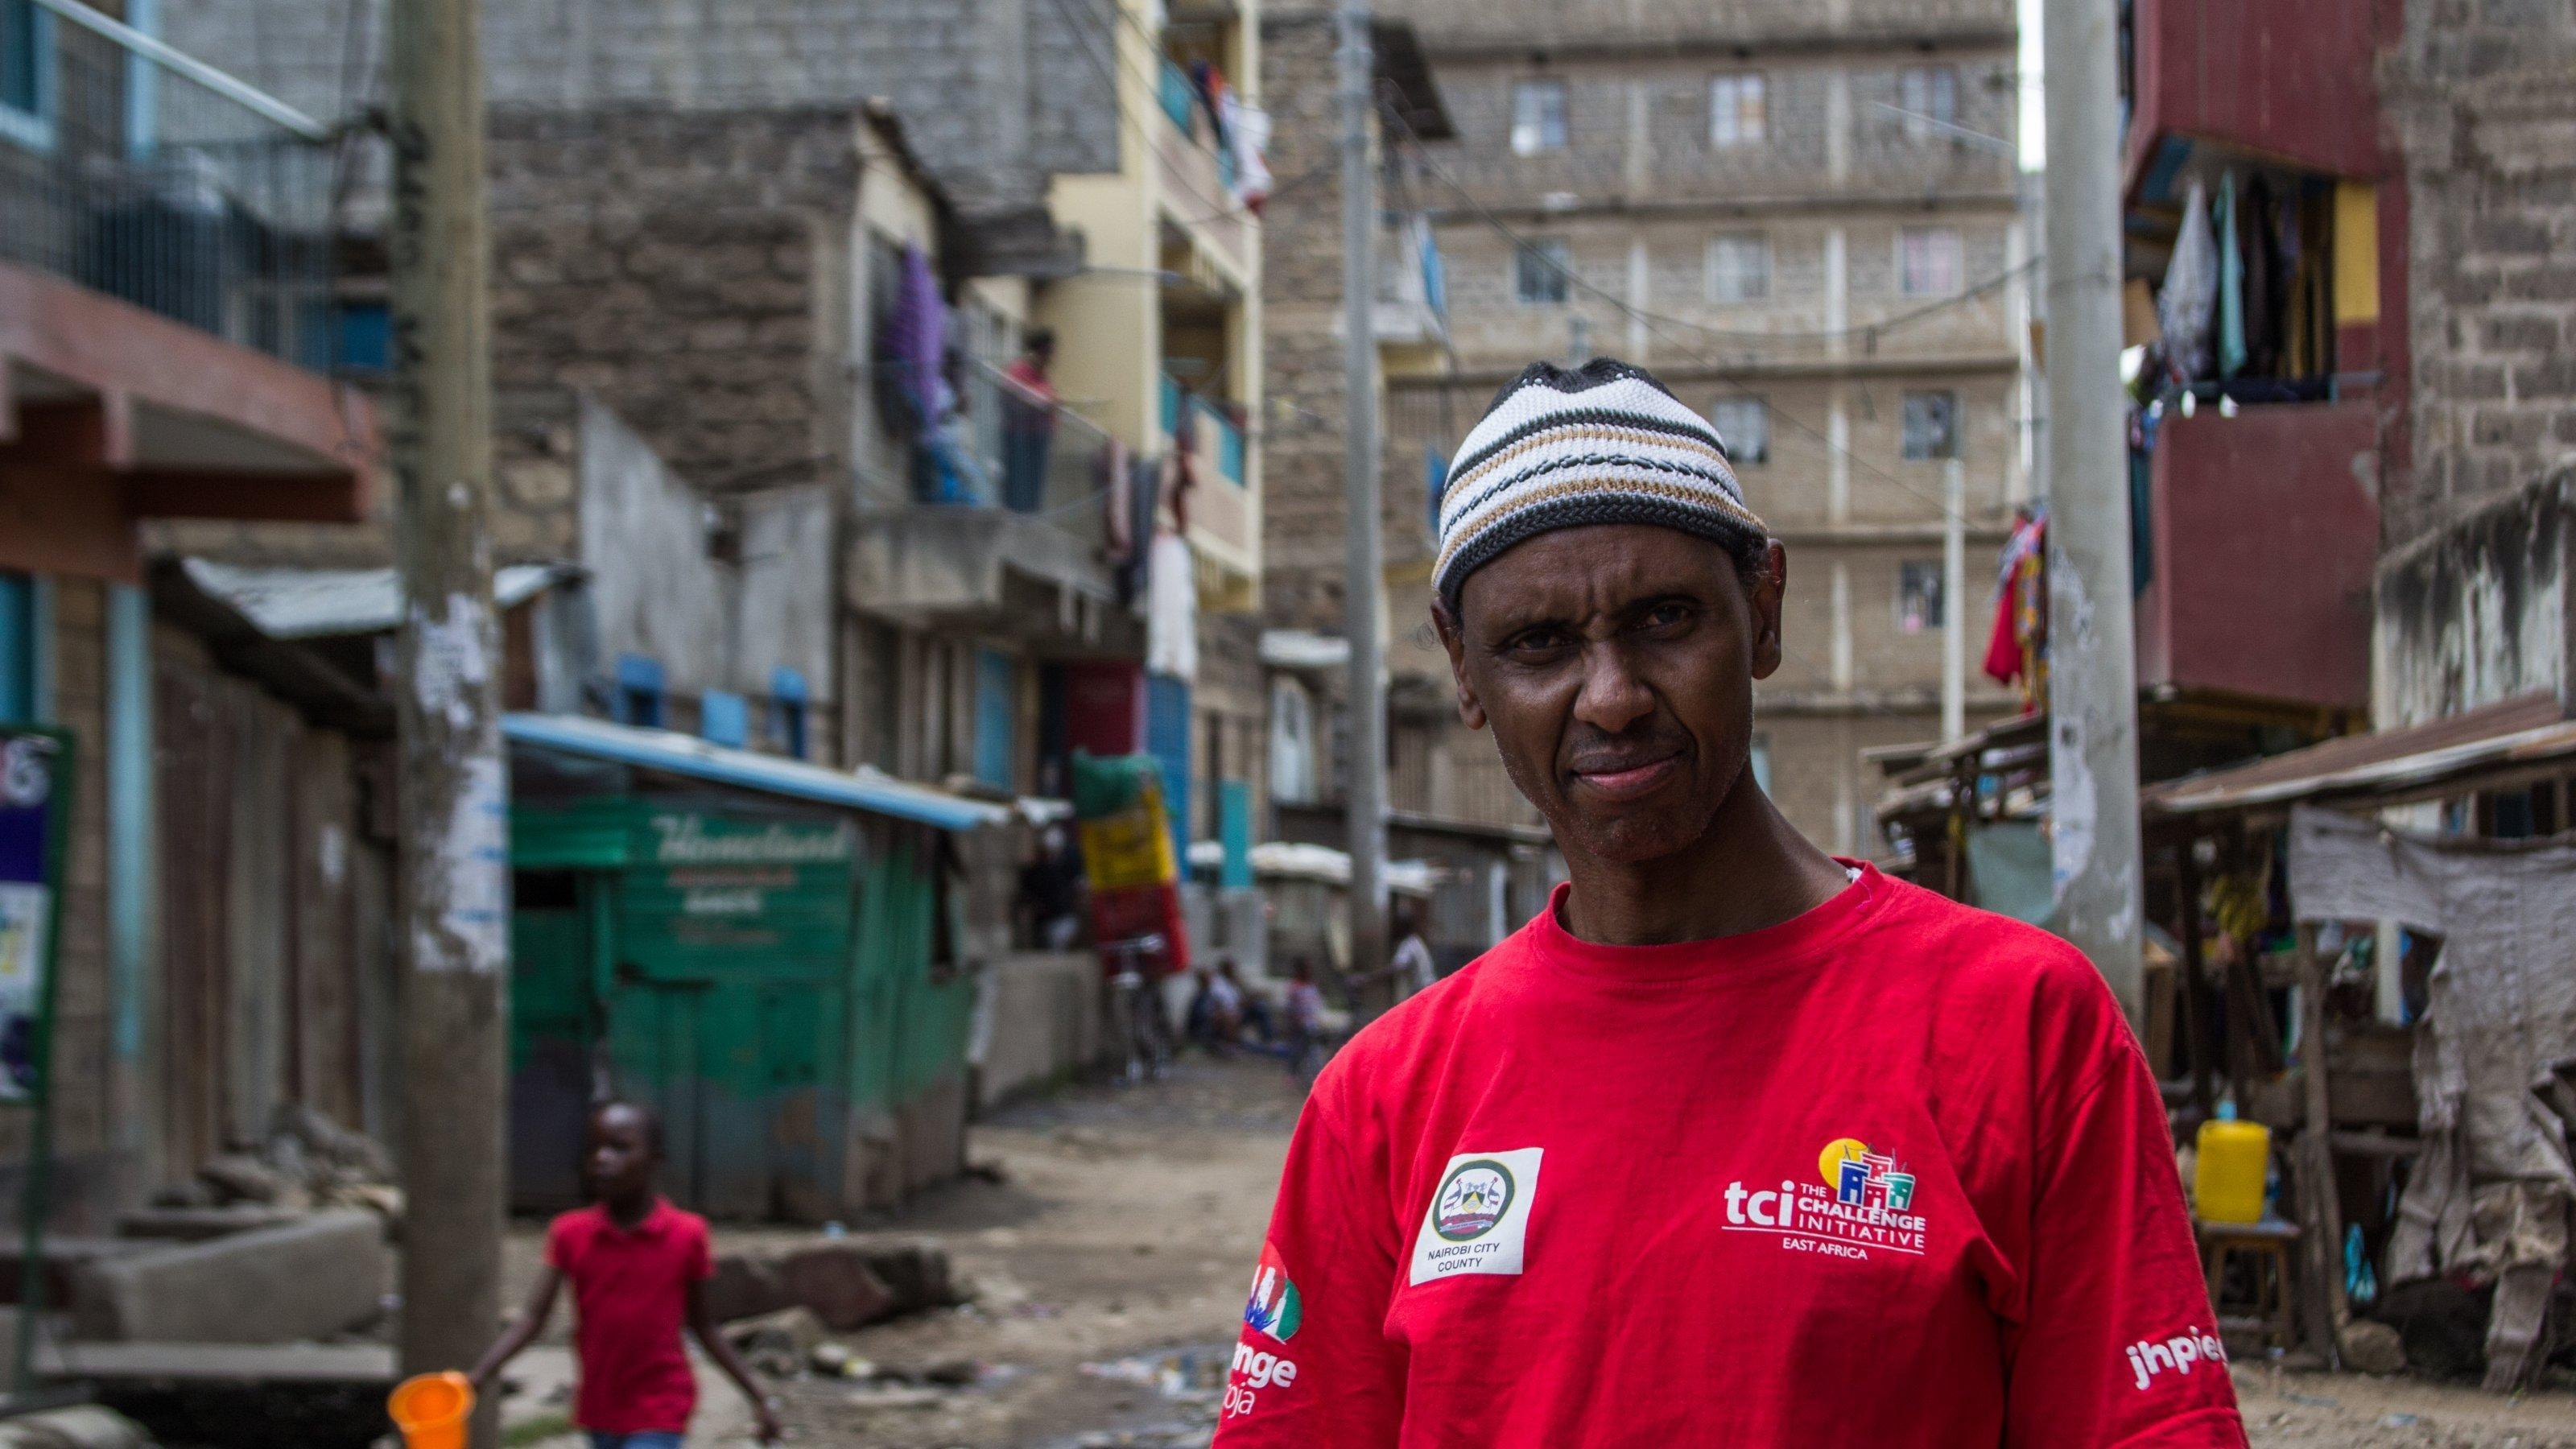 Im Vordergrund steht Salat Hamud, in einem roten T-Shirt und mit einer Mütze. Im Hintergrund sieht man mehrstöckige Häuser mit viel Wäsche zum Trocknen, und im Mittelgrund ein kleines Mädchen, das Wasser schleppt.